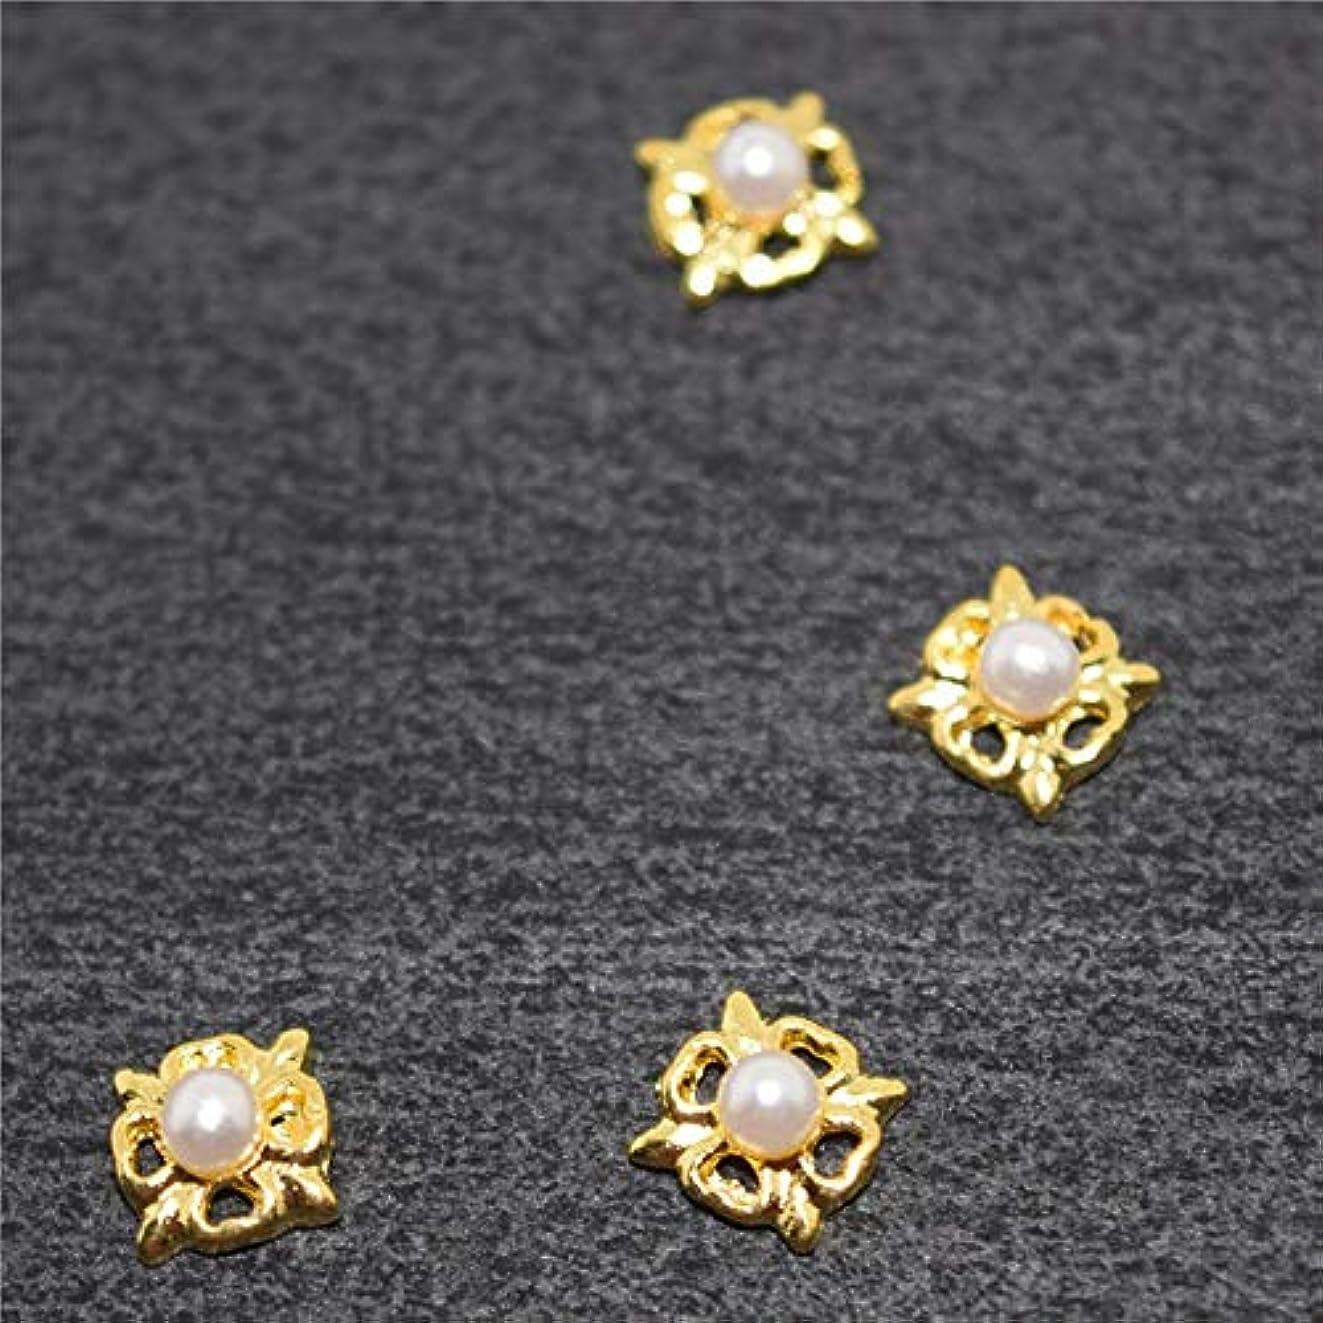 ベテラン肺炎工業用10個入りホワイトパールの星3Dネイルアートの装飾合金ネイルチャームネイルズラインストーンネイル用品